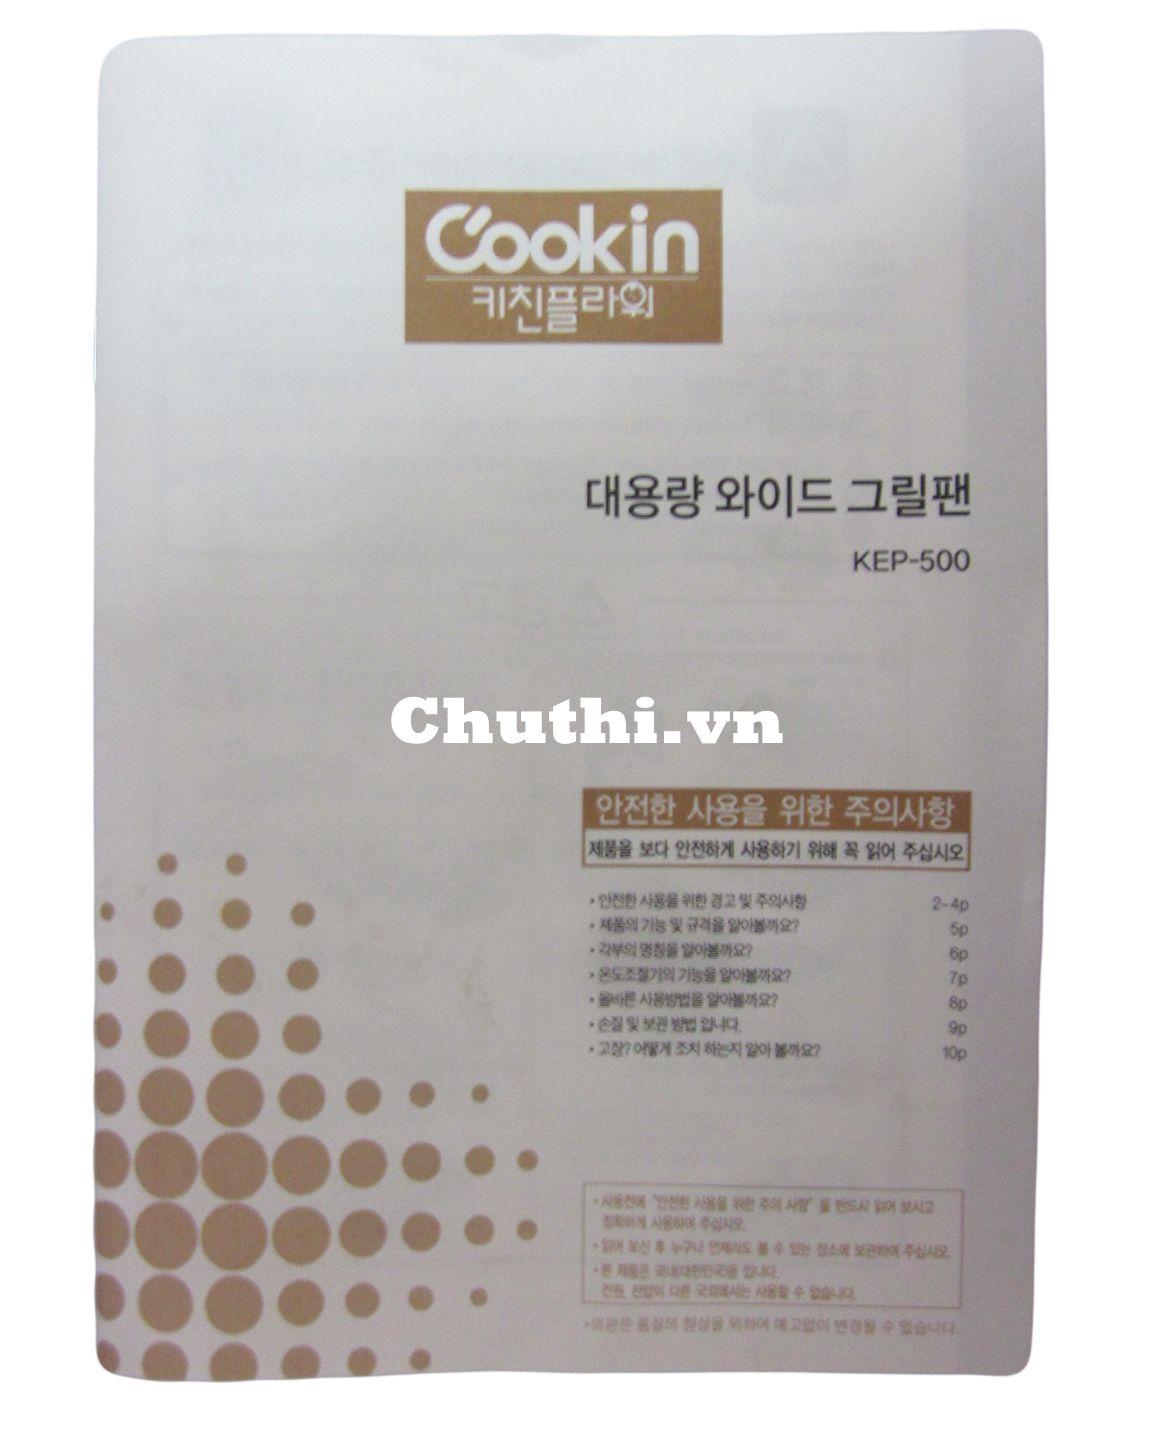 Hướng dẫn sử dụng bằng tiếng Hàn và tiếng Việt